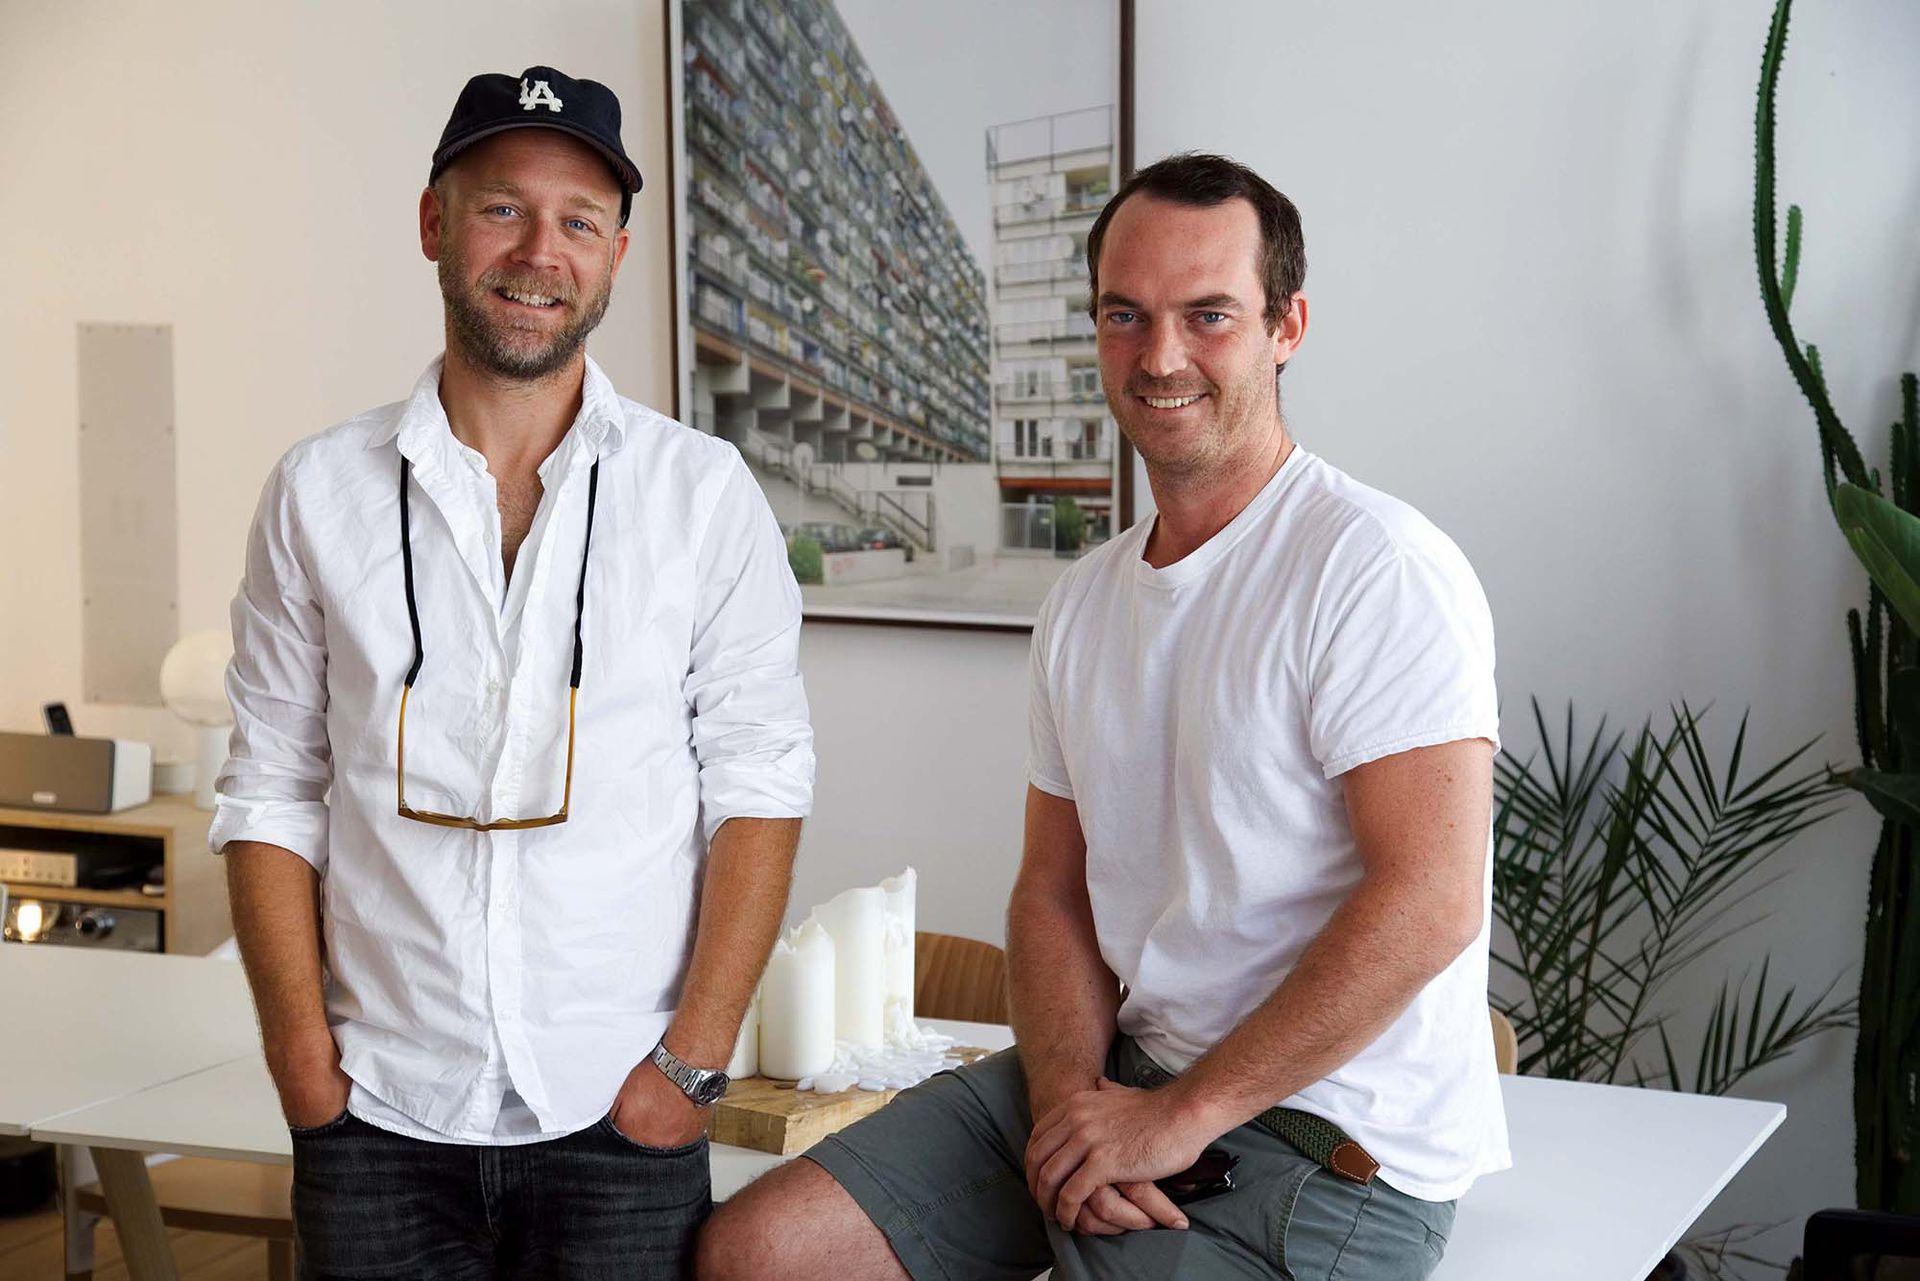 """Frederik y Tim, en una de sus tantas expansiones, """"El Departamento"""", piso que ocuparon en el mismo edificio donde tienen su oficina para darle espacio a todo tipo de encuentros y nuevas asociaciones. Allí comenzó nuestra entrevista."""